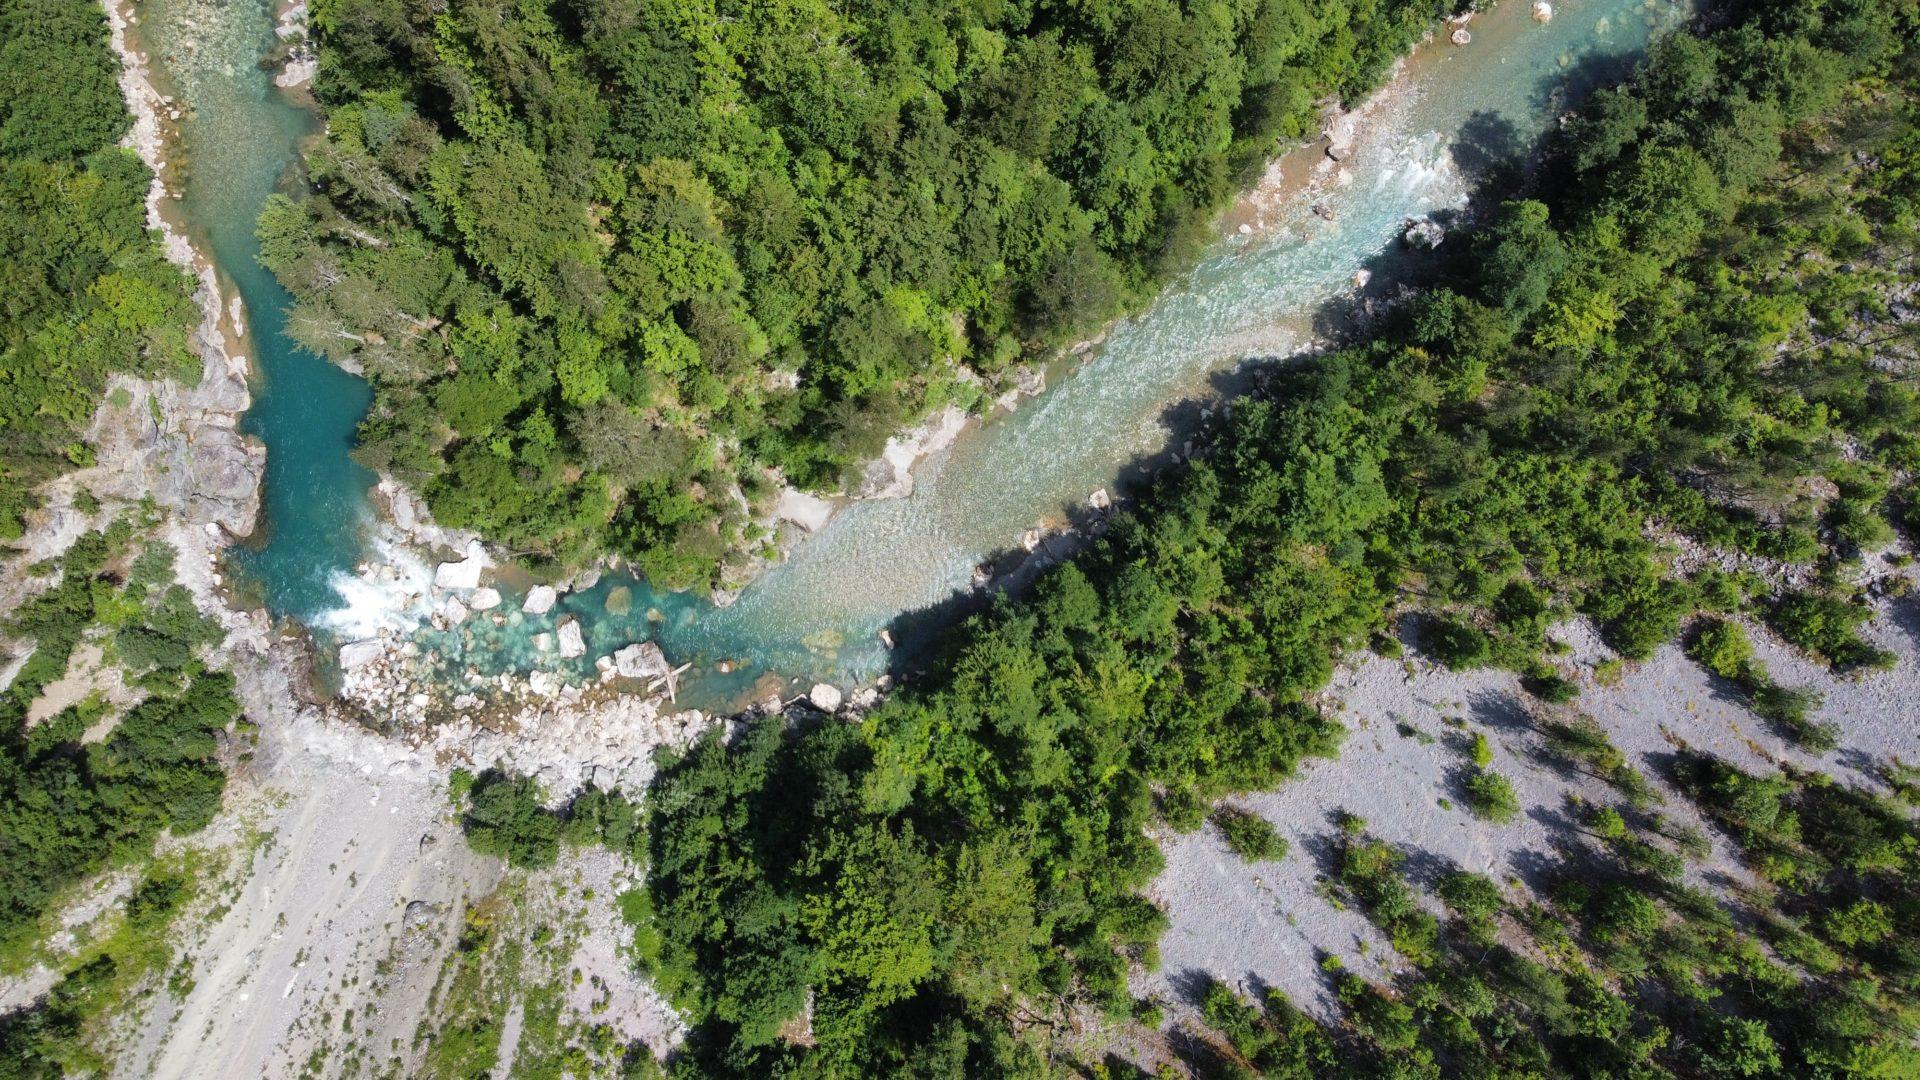 Photo drone Monténégro : Courbe de la rivière tara vue du ciel photographié en juillet 2021 avec un Drone DJI Mini2